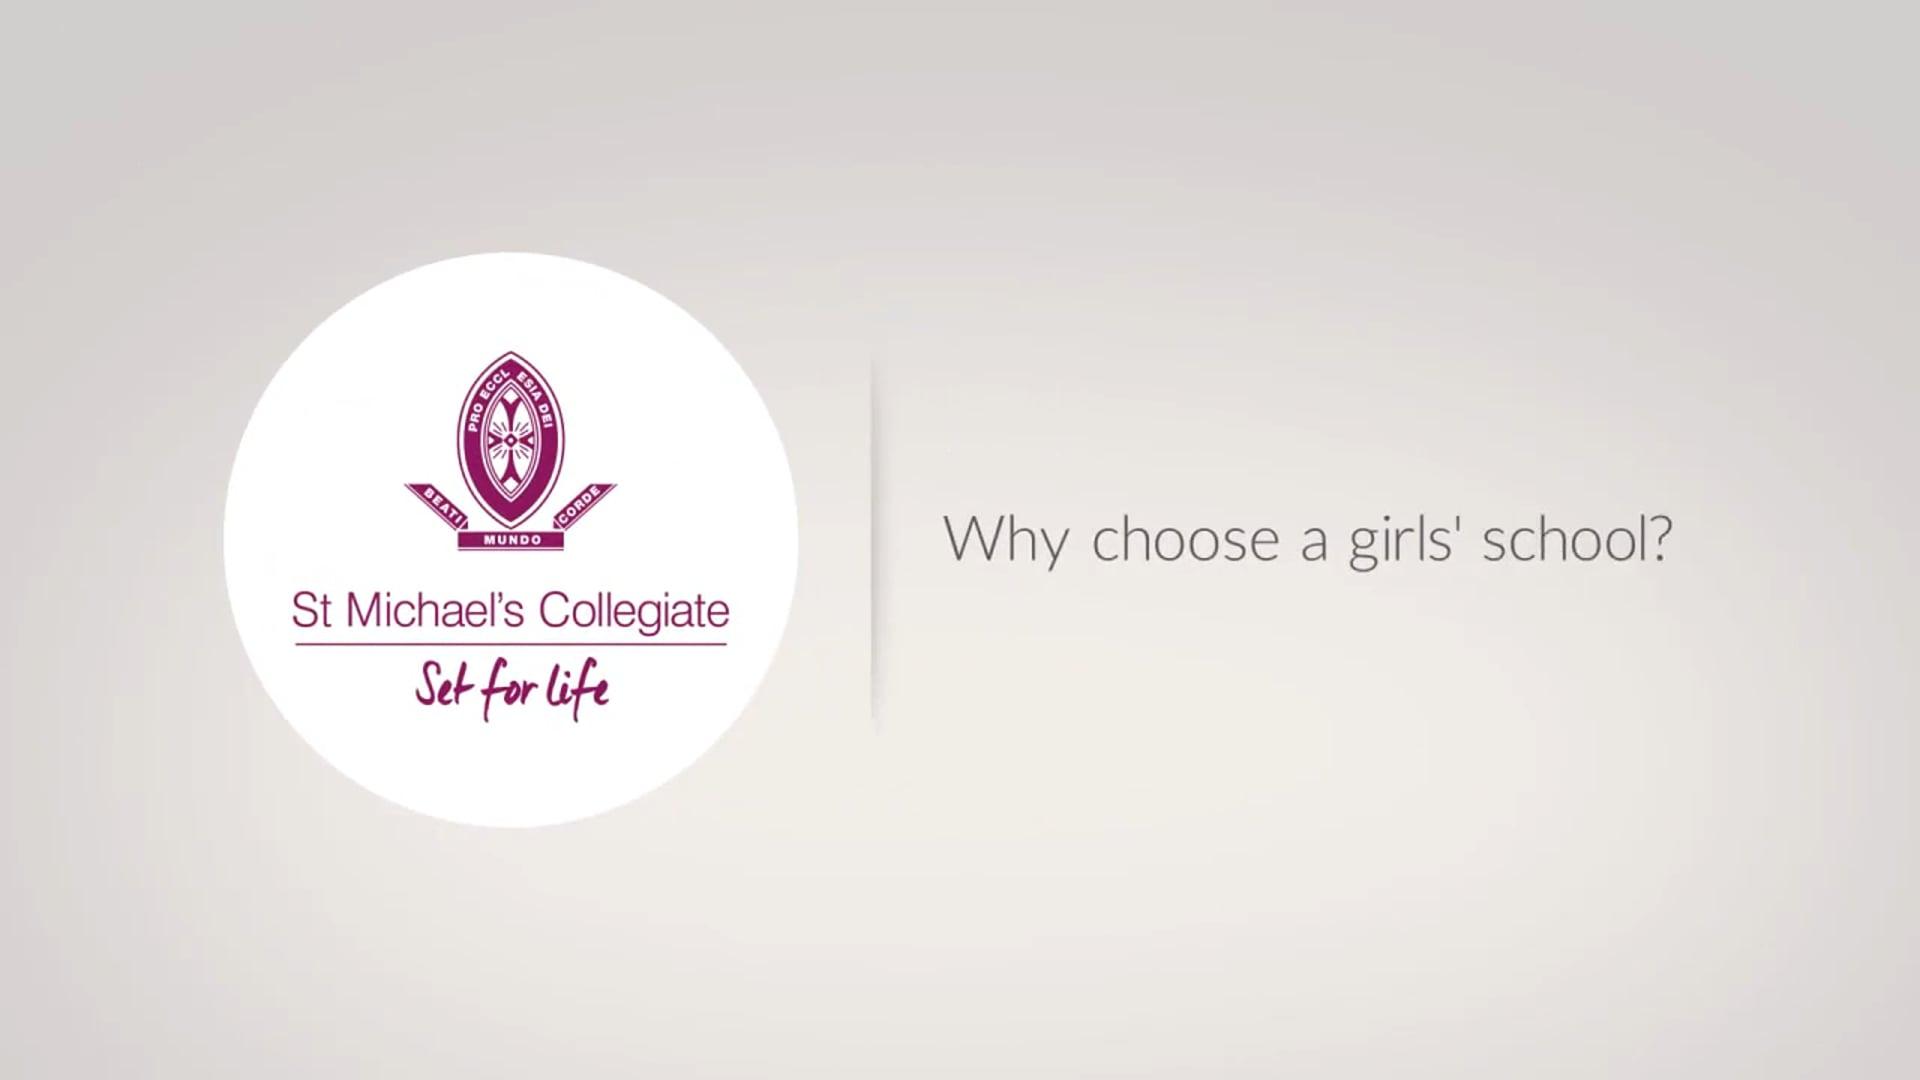 Why a girls' school?